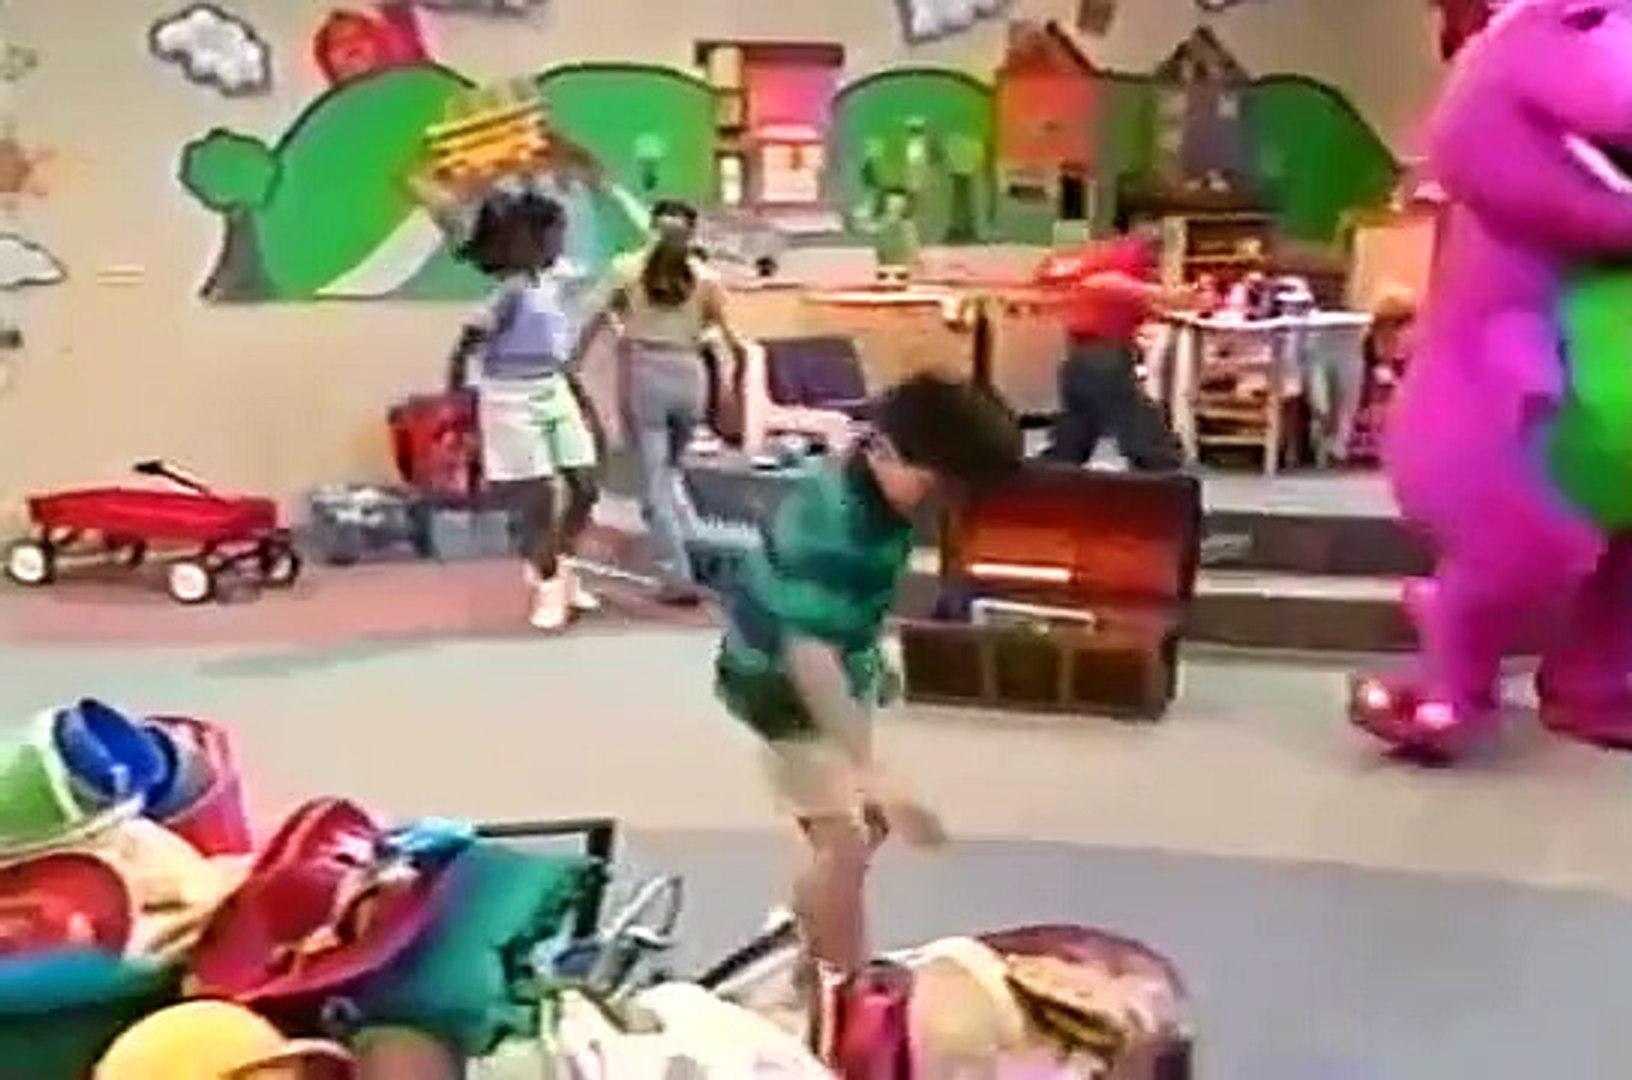 Barney & Friends: Easy Does It! (Season 5, Episode 17)